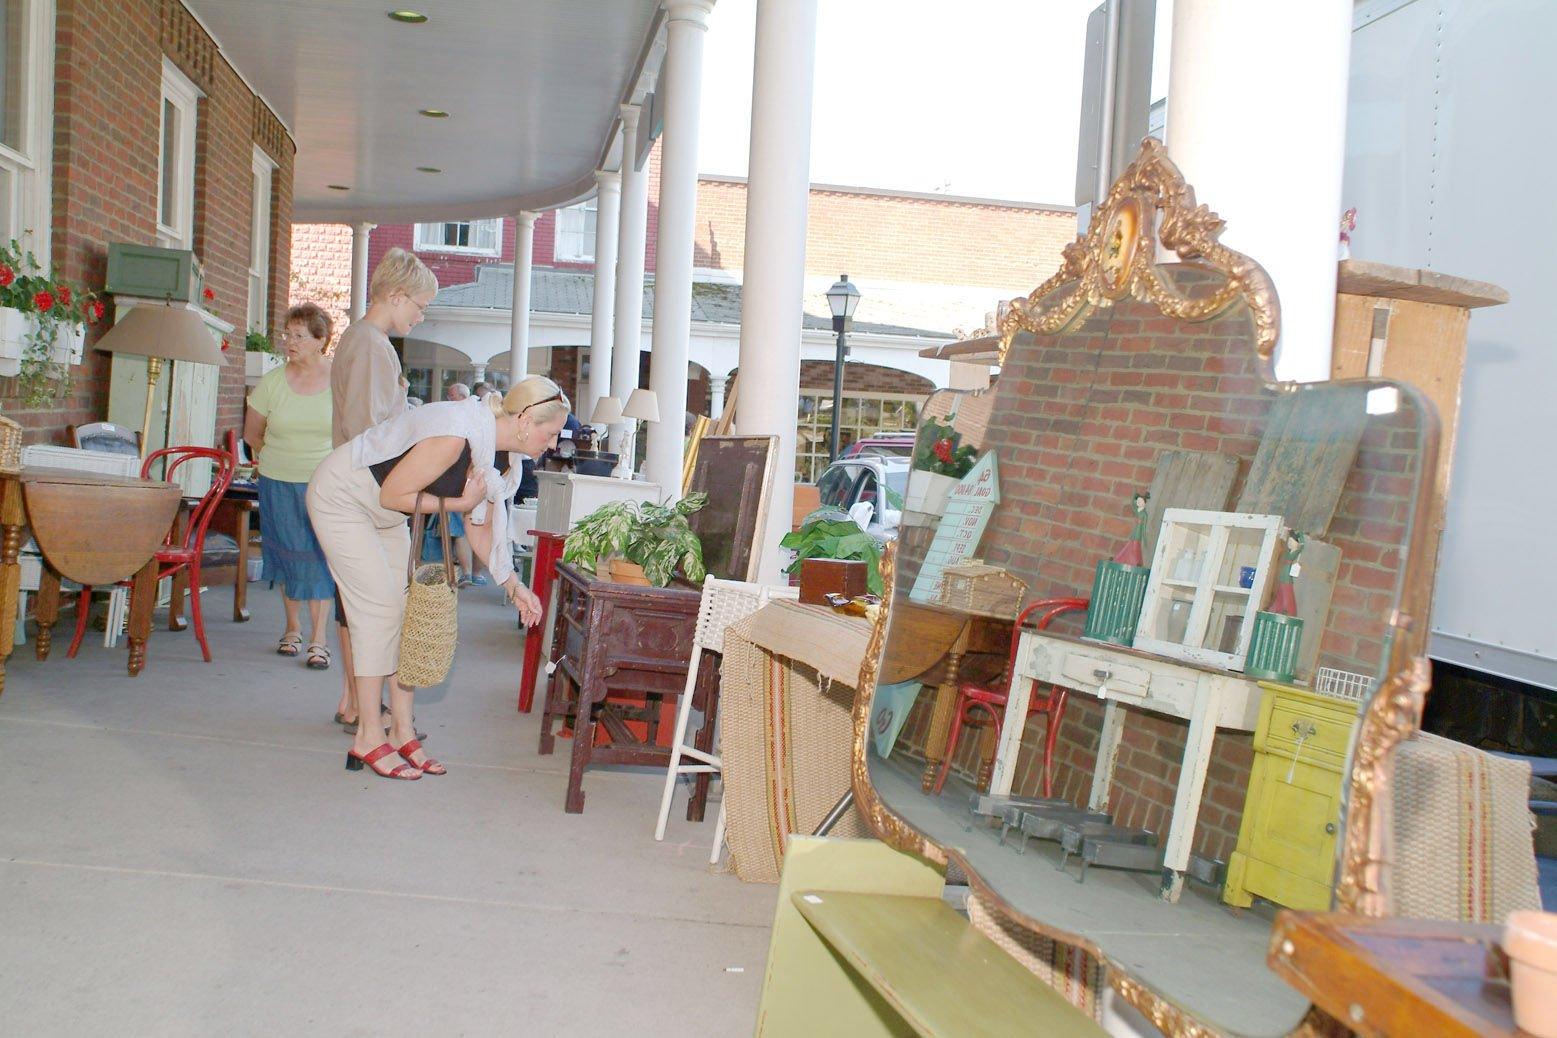 Ligonier antique show to feature more than 50 vendors | News ...